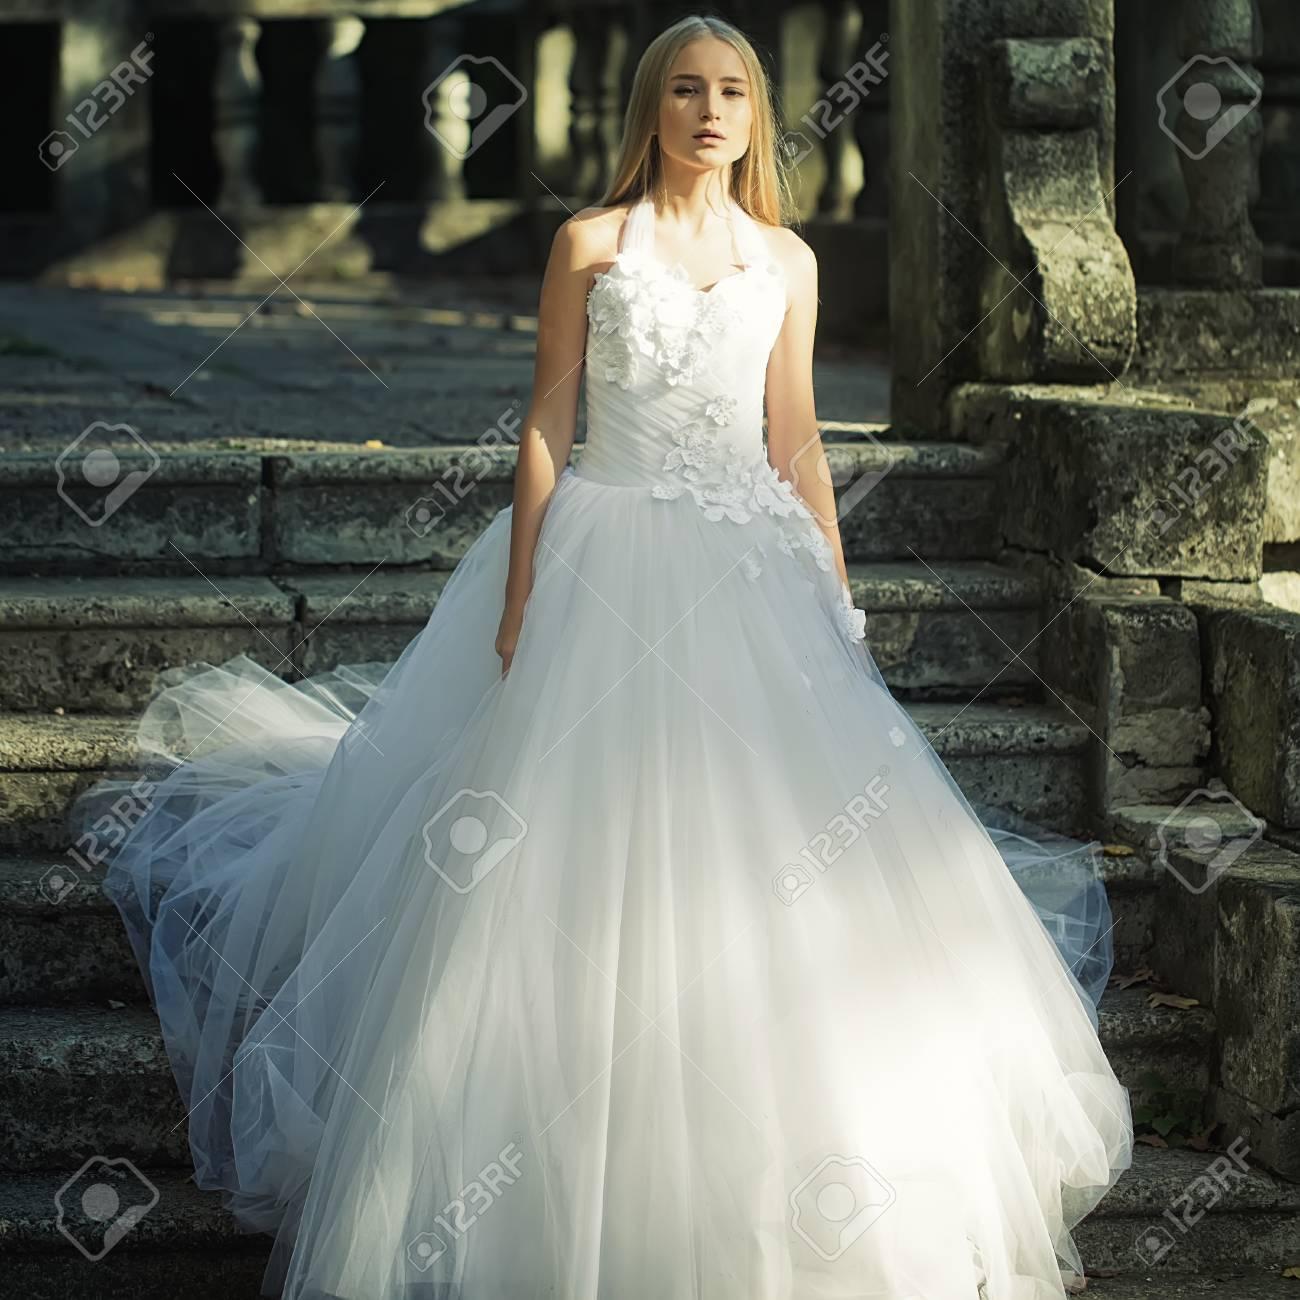 Recht Sinnliches Nachdenkliche Junge Braut Mädchen Mit Langen ...